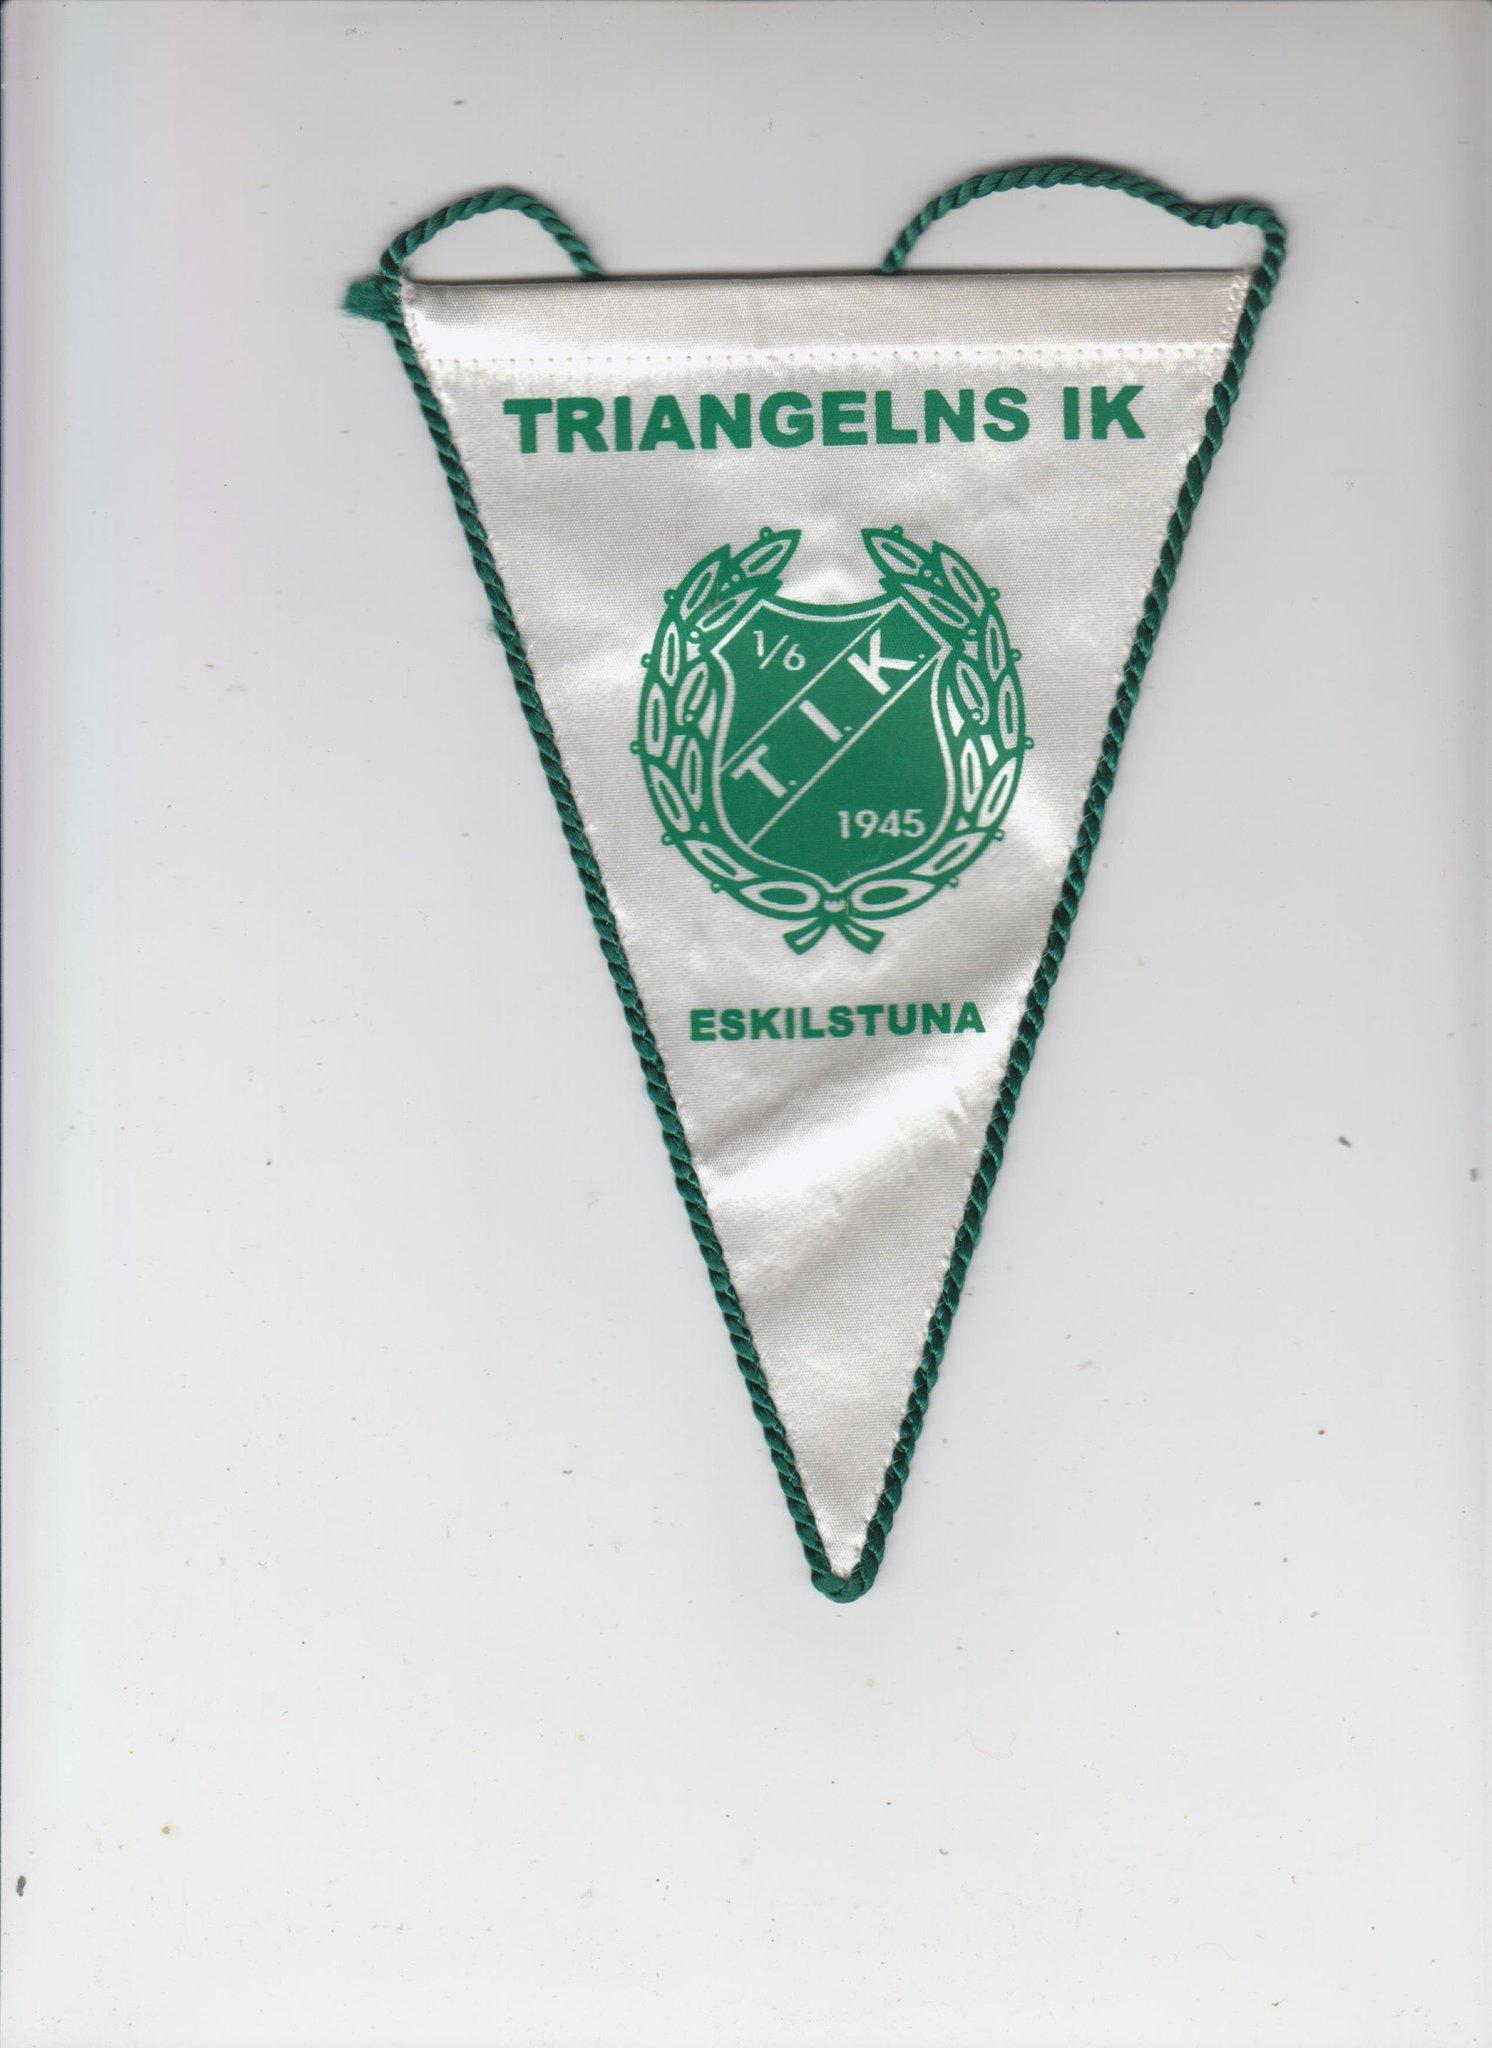 triangelns ik